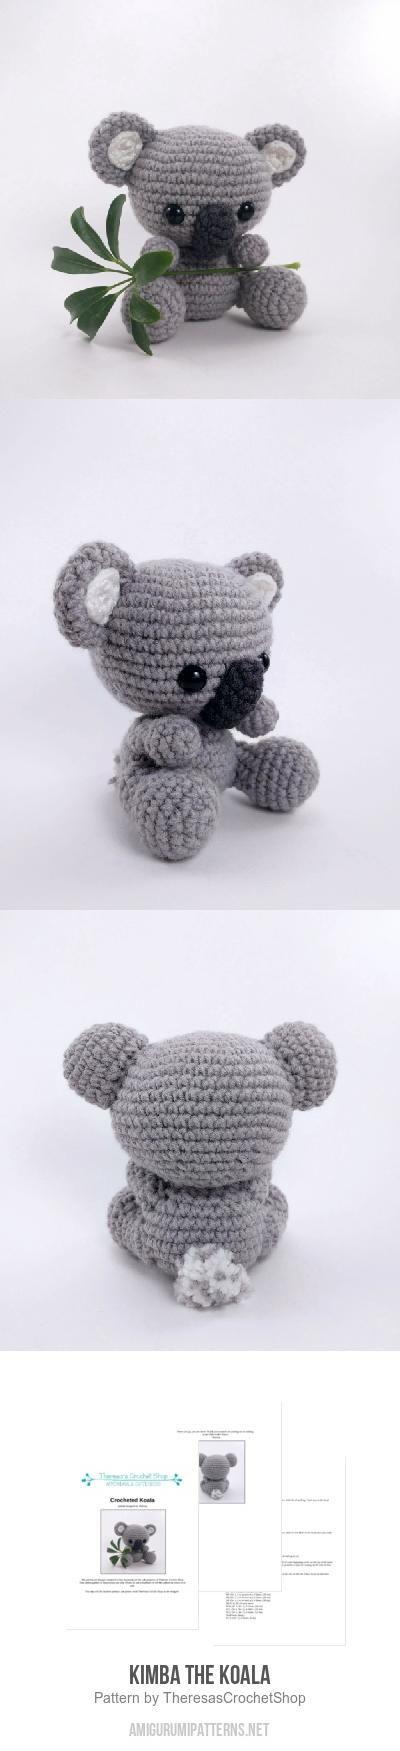 Kimba The Koala Amigurumi Pattern